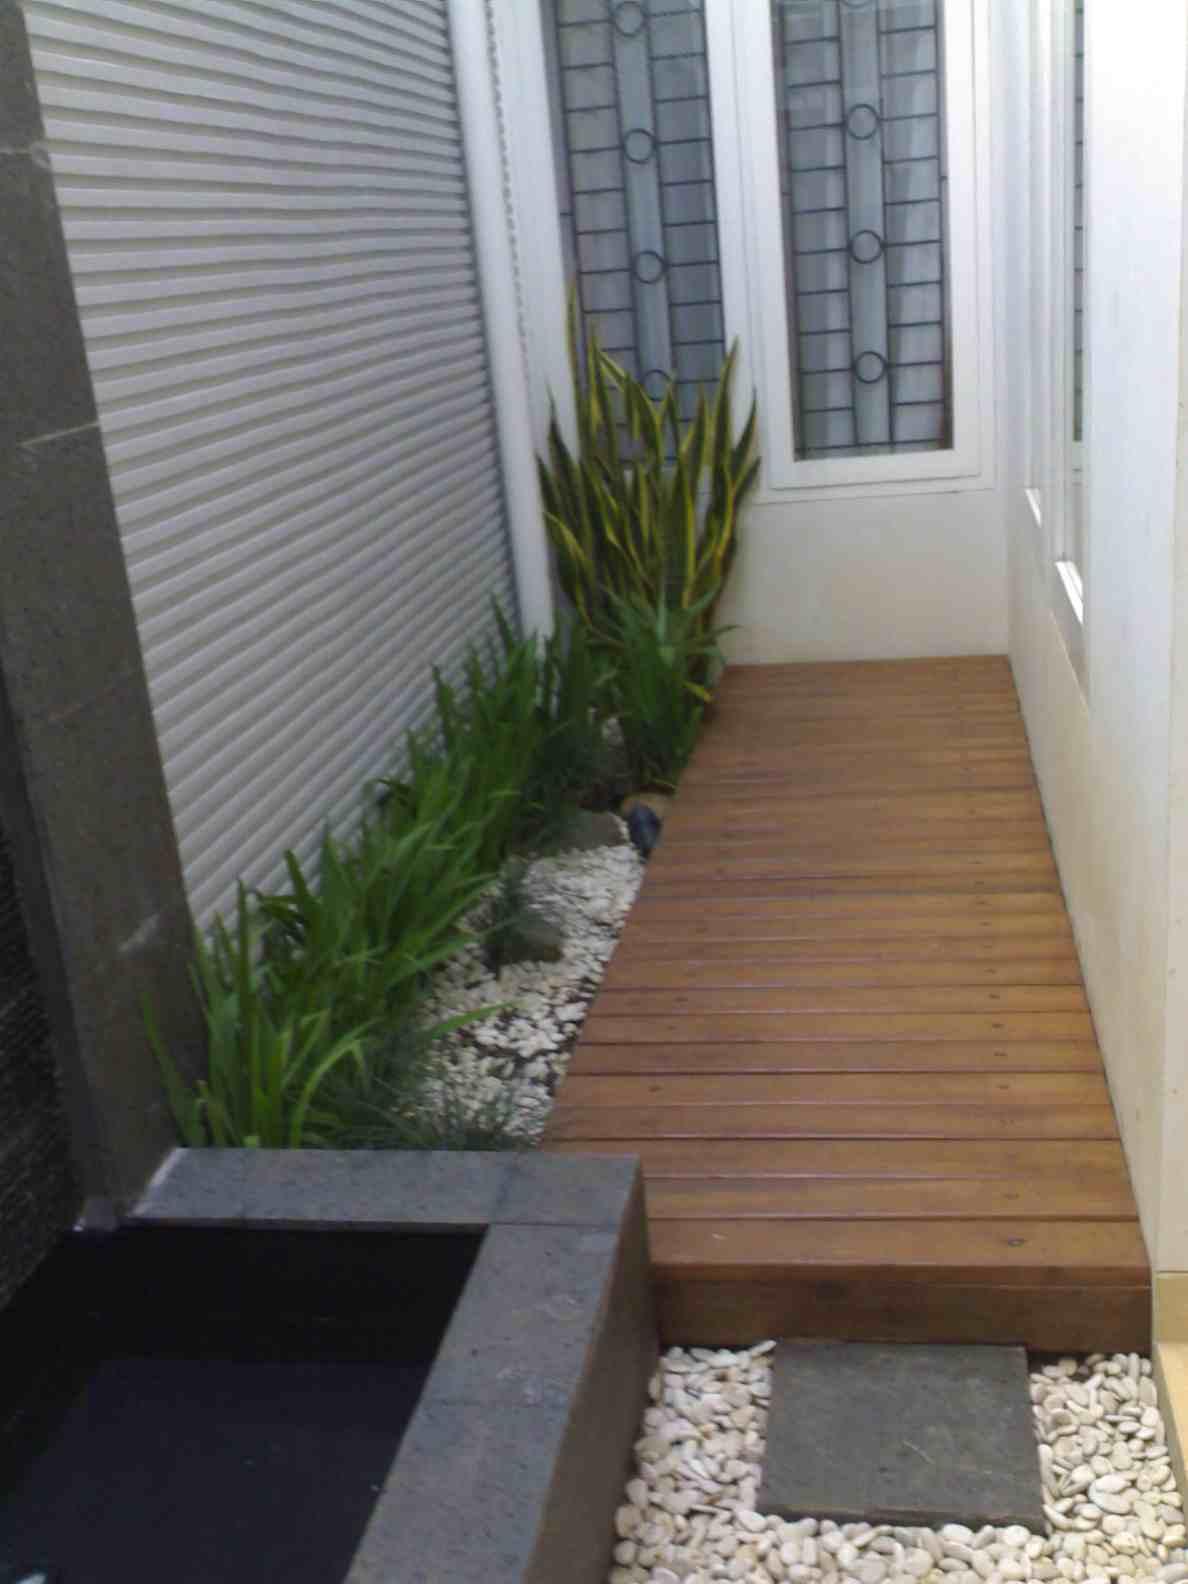 45 Desain Taman Depan Rumah Minimalis Untuk Lahan